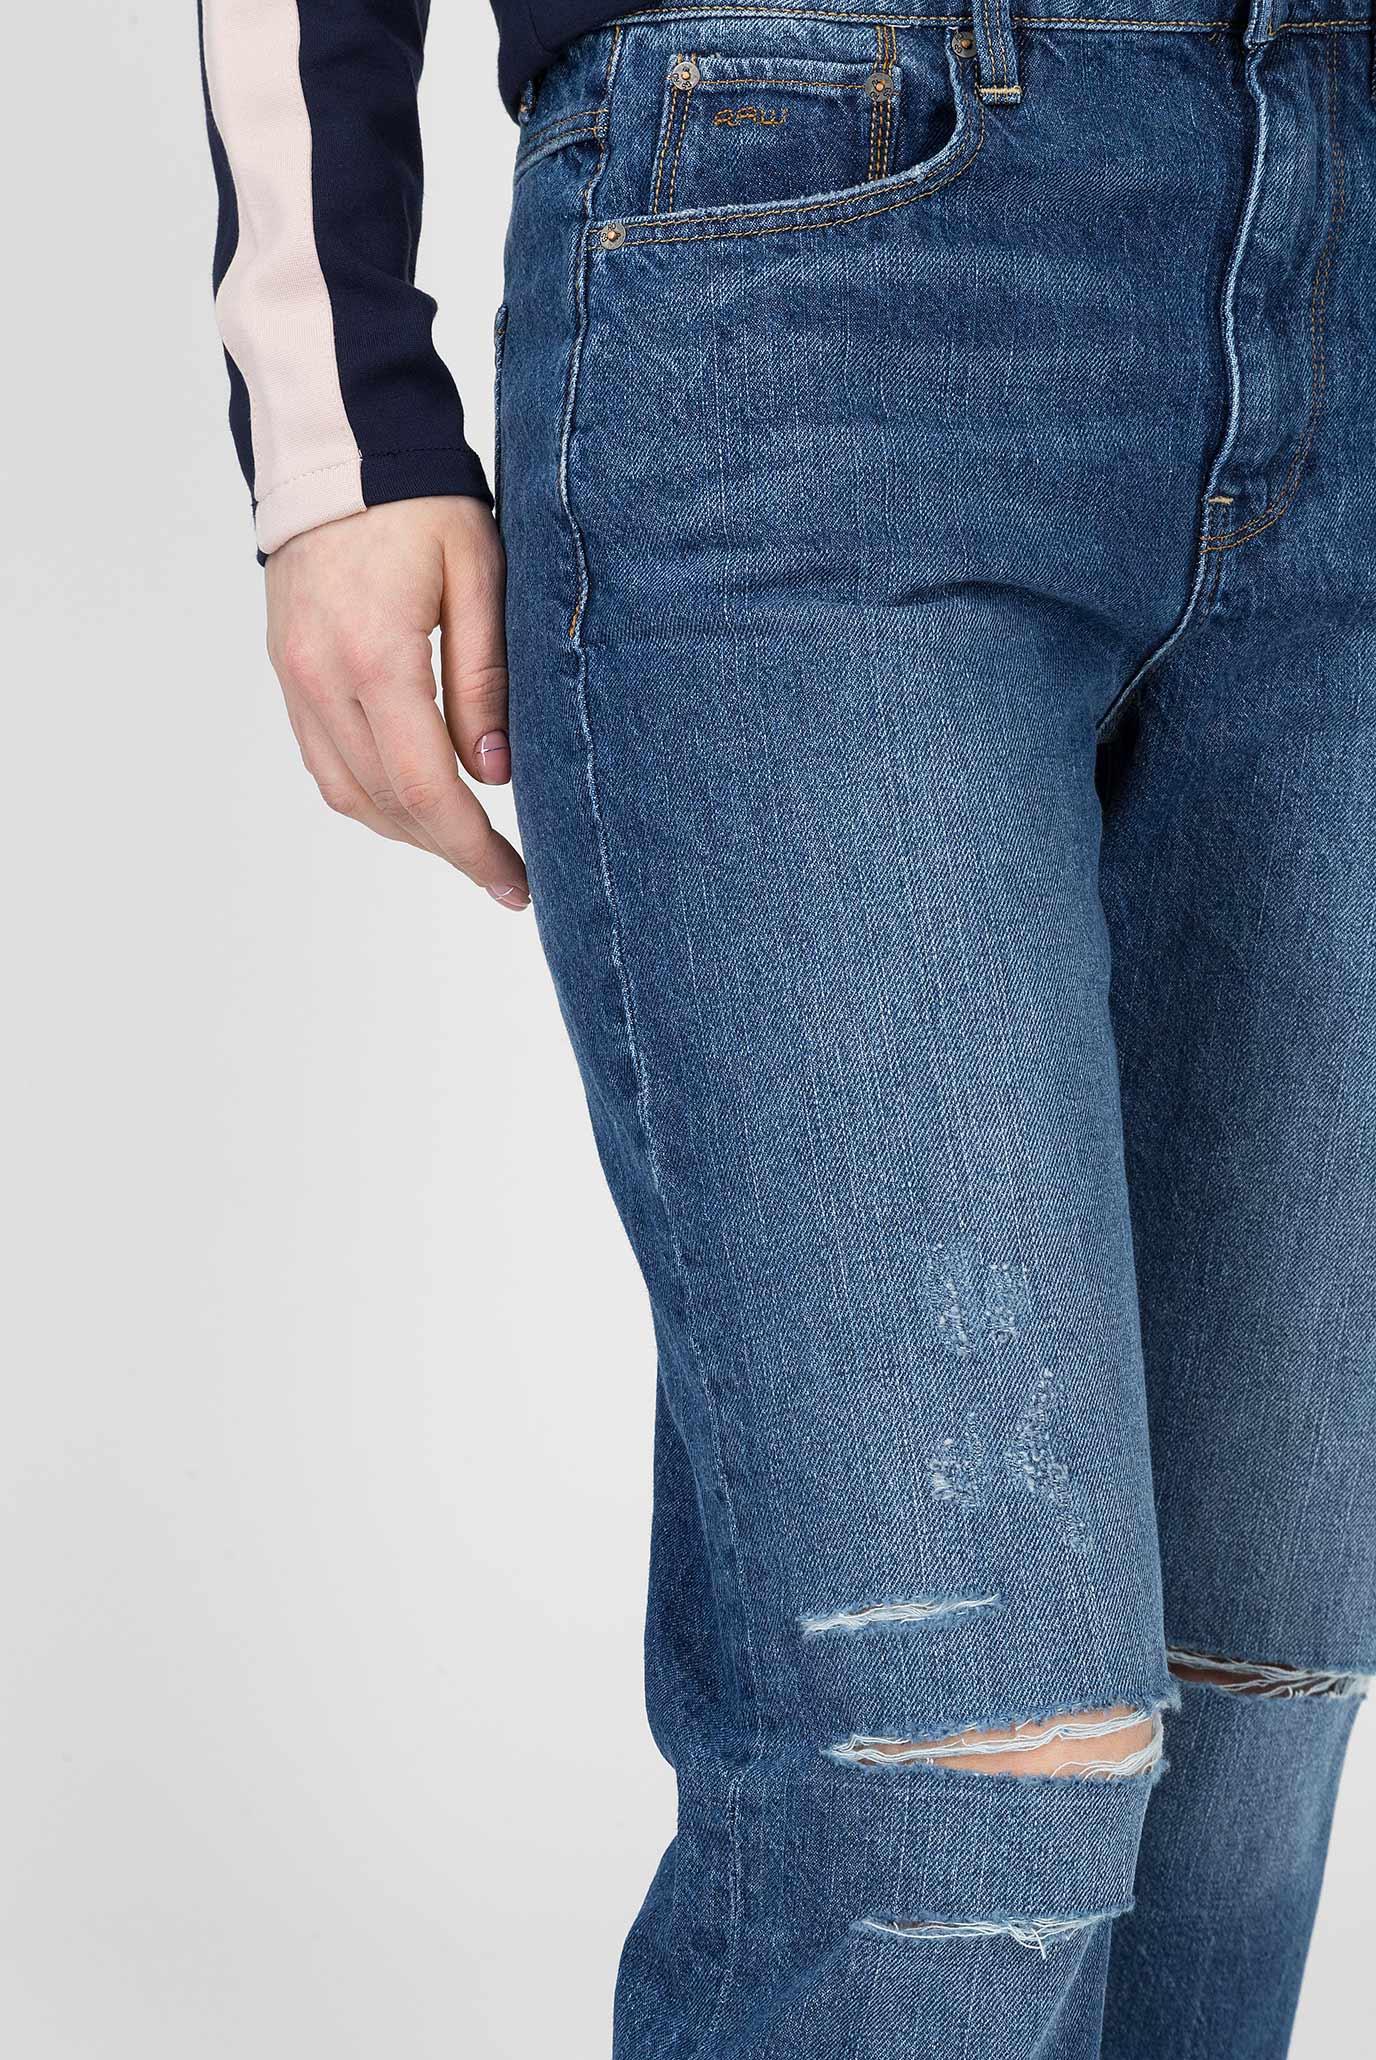 Купить Женские синие джинсы 3301 G-Star RAW G-Star RAW D11605,8973 – Киев, Украина. Цены в интернет магазине MD Fashion